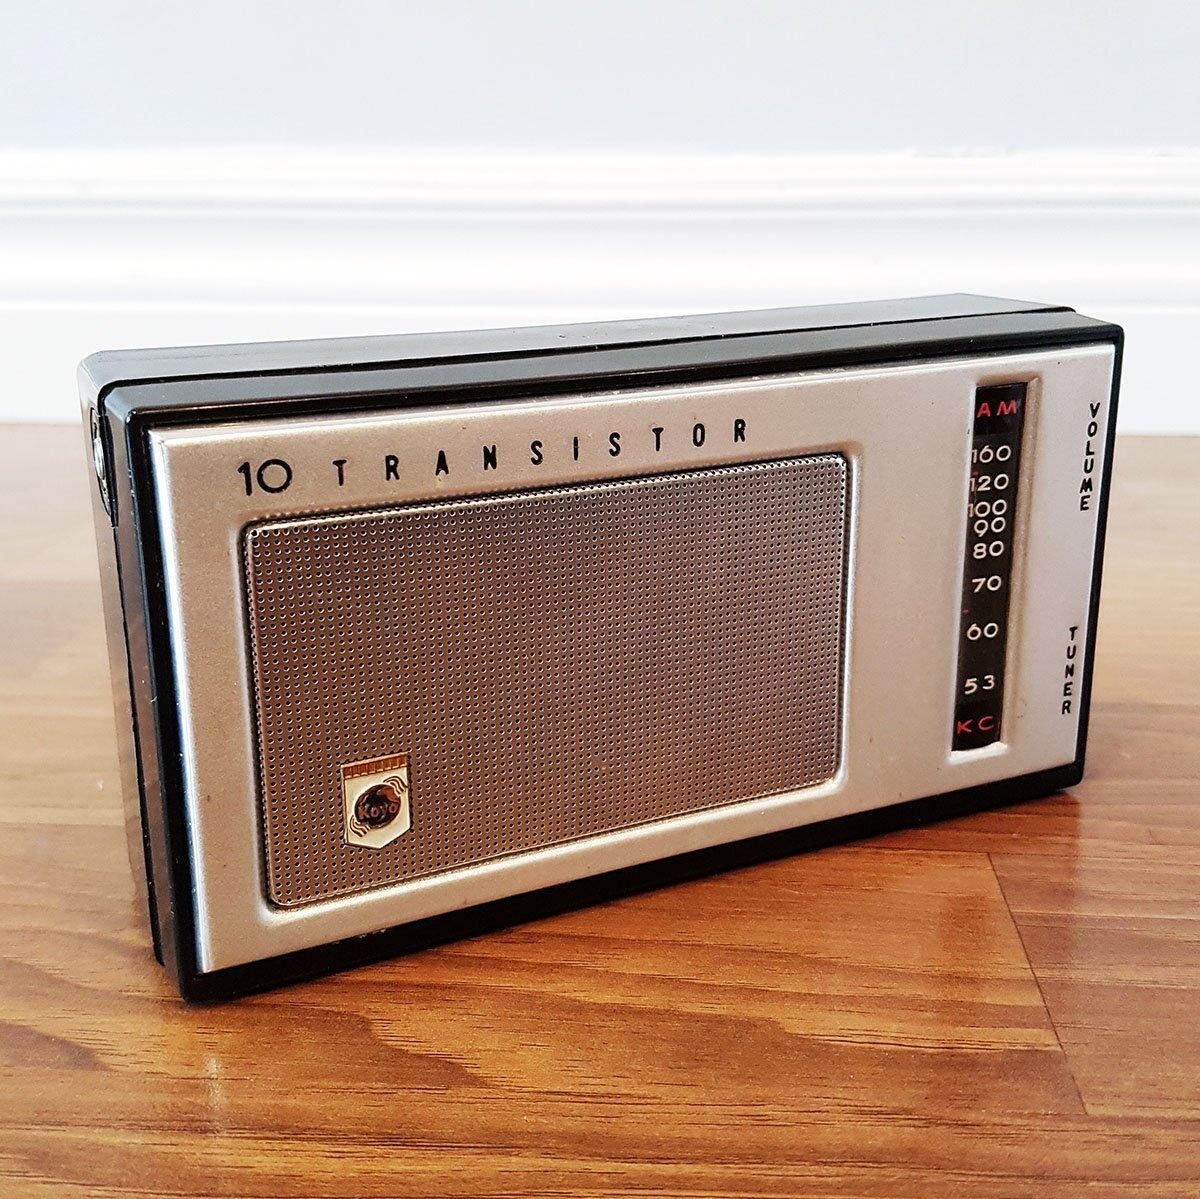 Máy Radio 10 Transistor sản xuất năm 1963 sau 55 năm vẫn hoạt động tốt